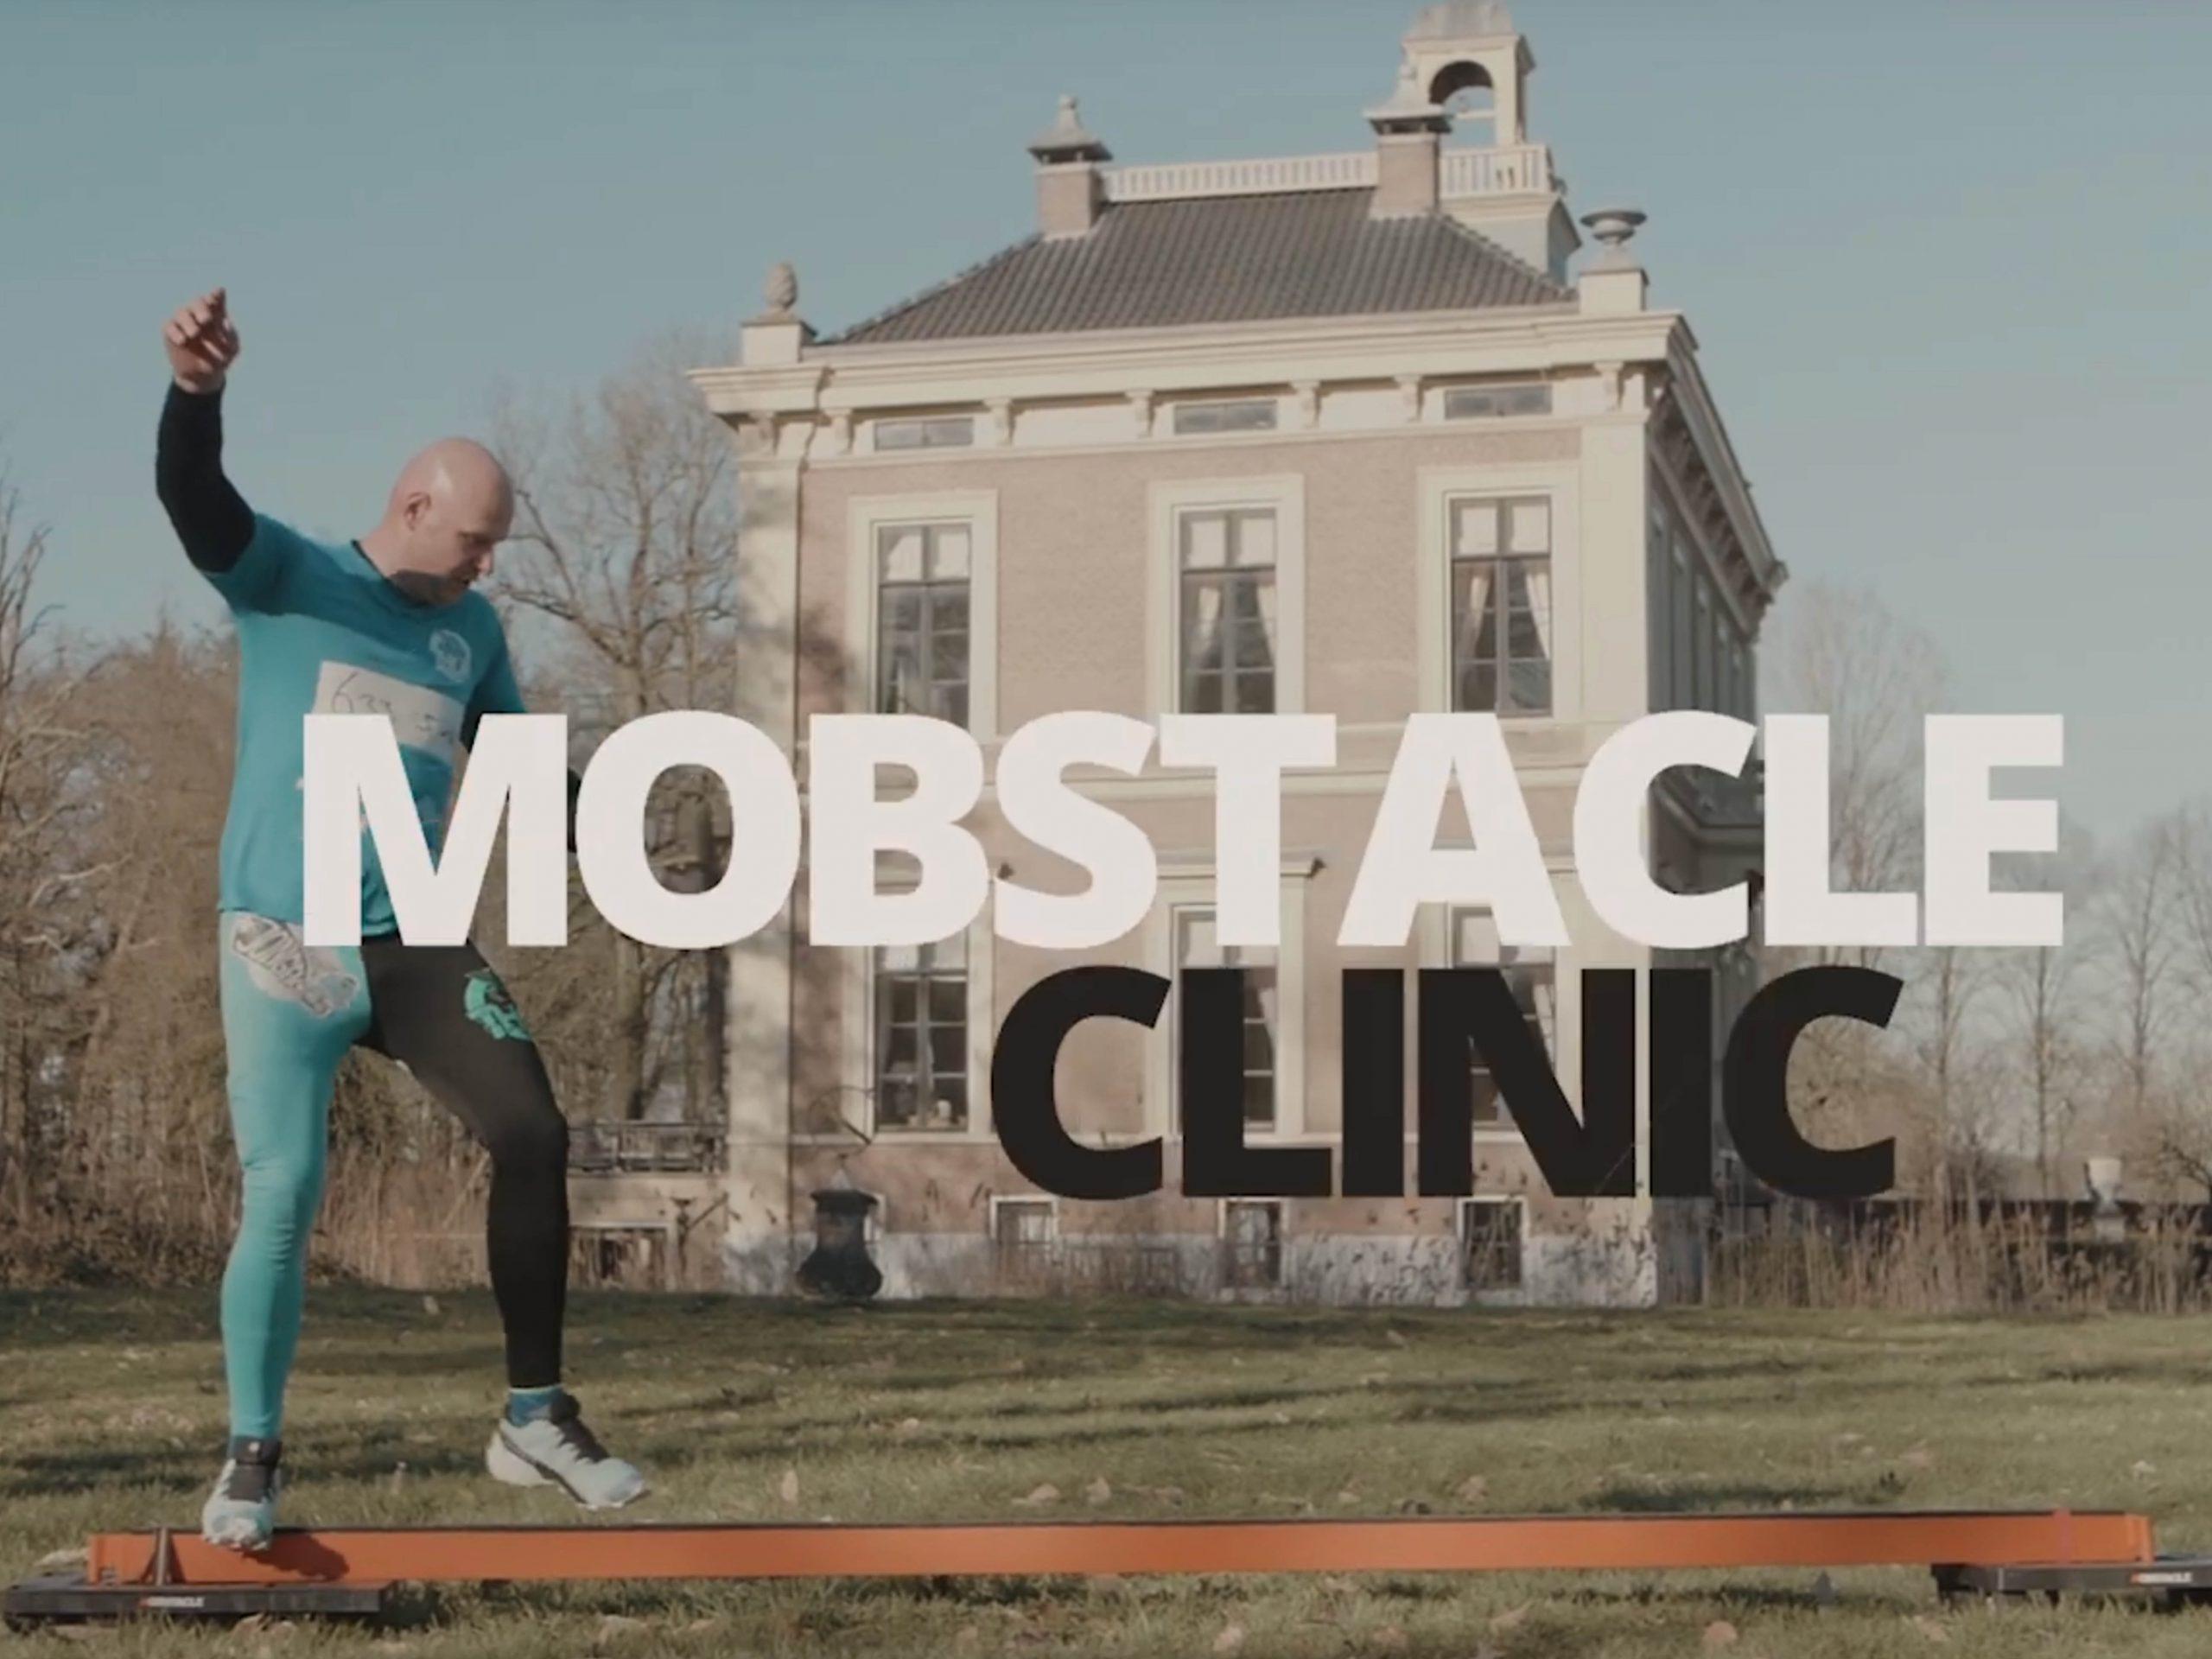 commercial online sporten mobstacle clinic bij havezathe den alerdinck